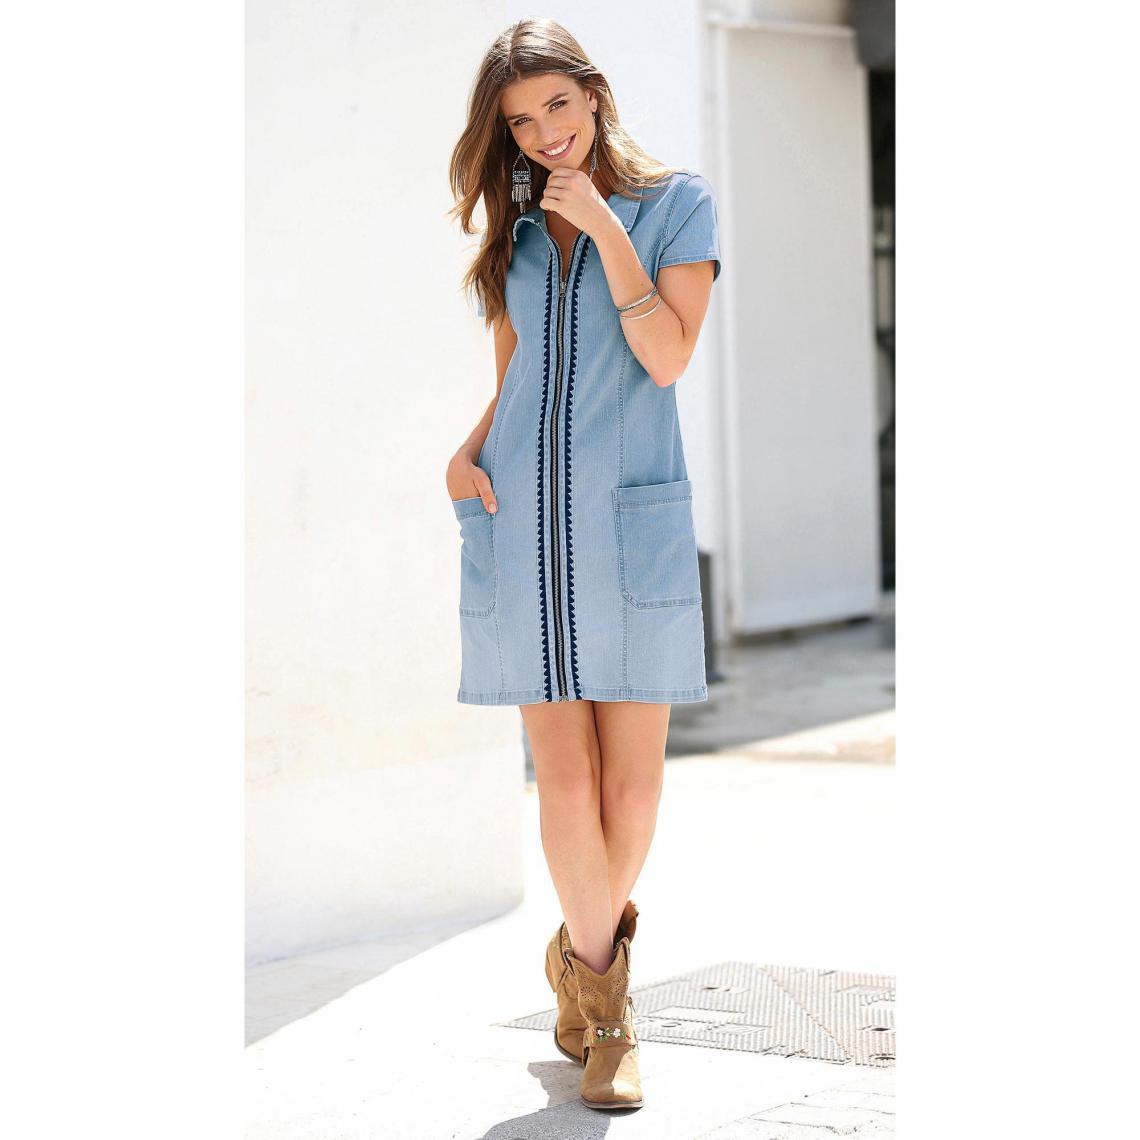 d0638f9a130 Robe chemise zippée manches courtes broderie femme - Bleu Ciel 3 SUISSES  Femme